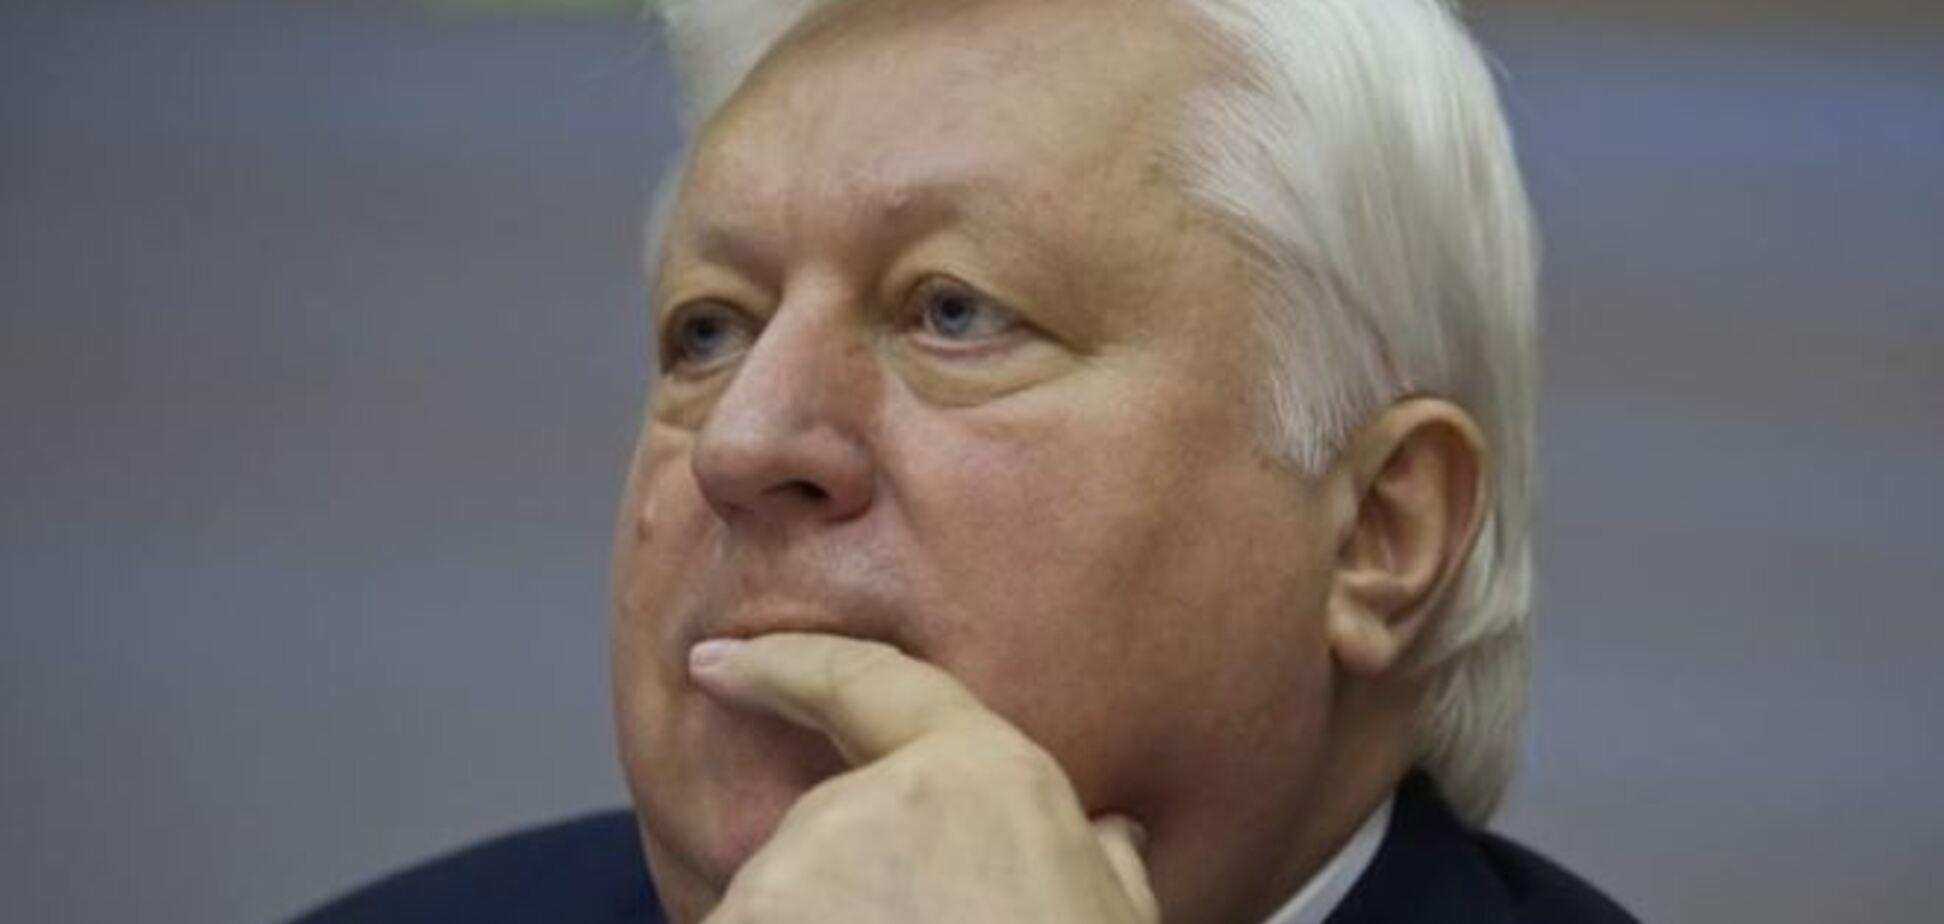 ГПУ подозревает Пшонку в коррупции, воровстве и содействии рейдерству